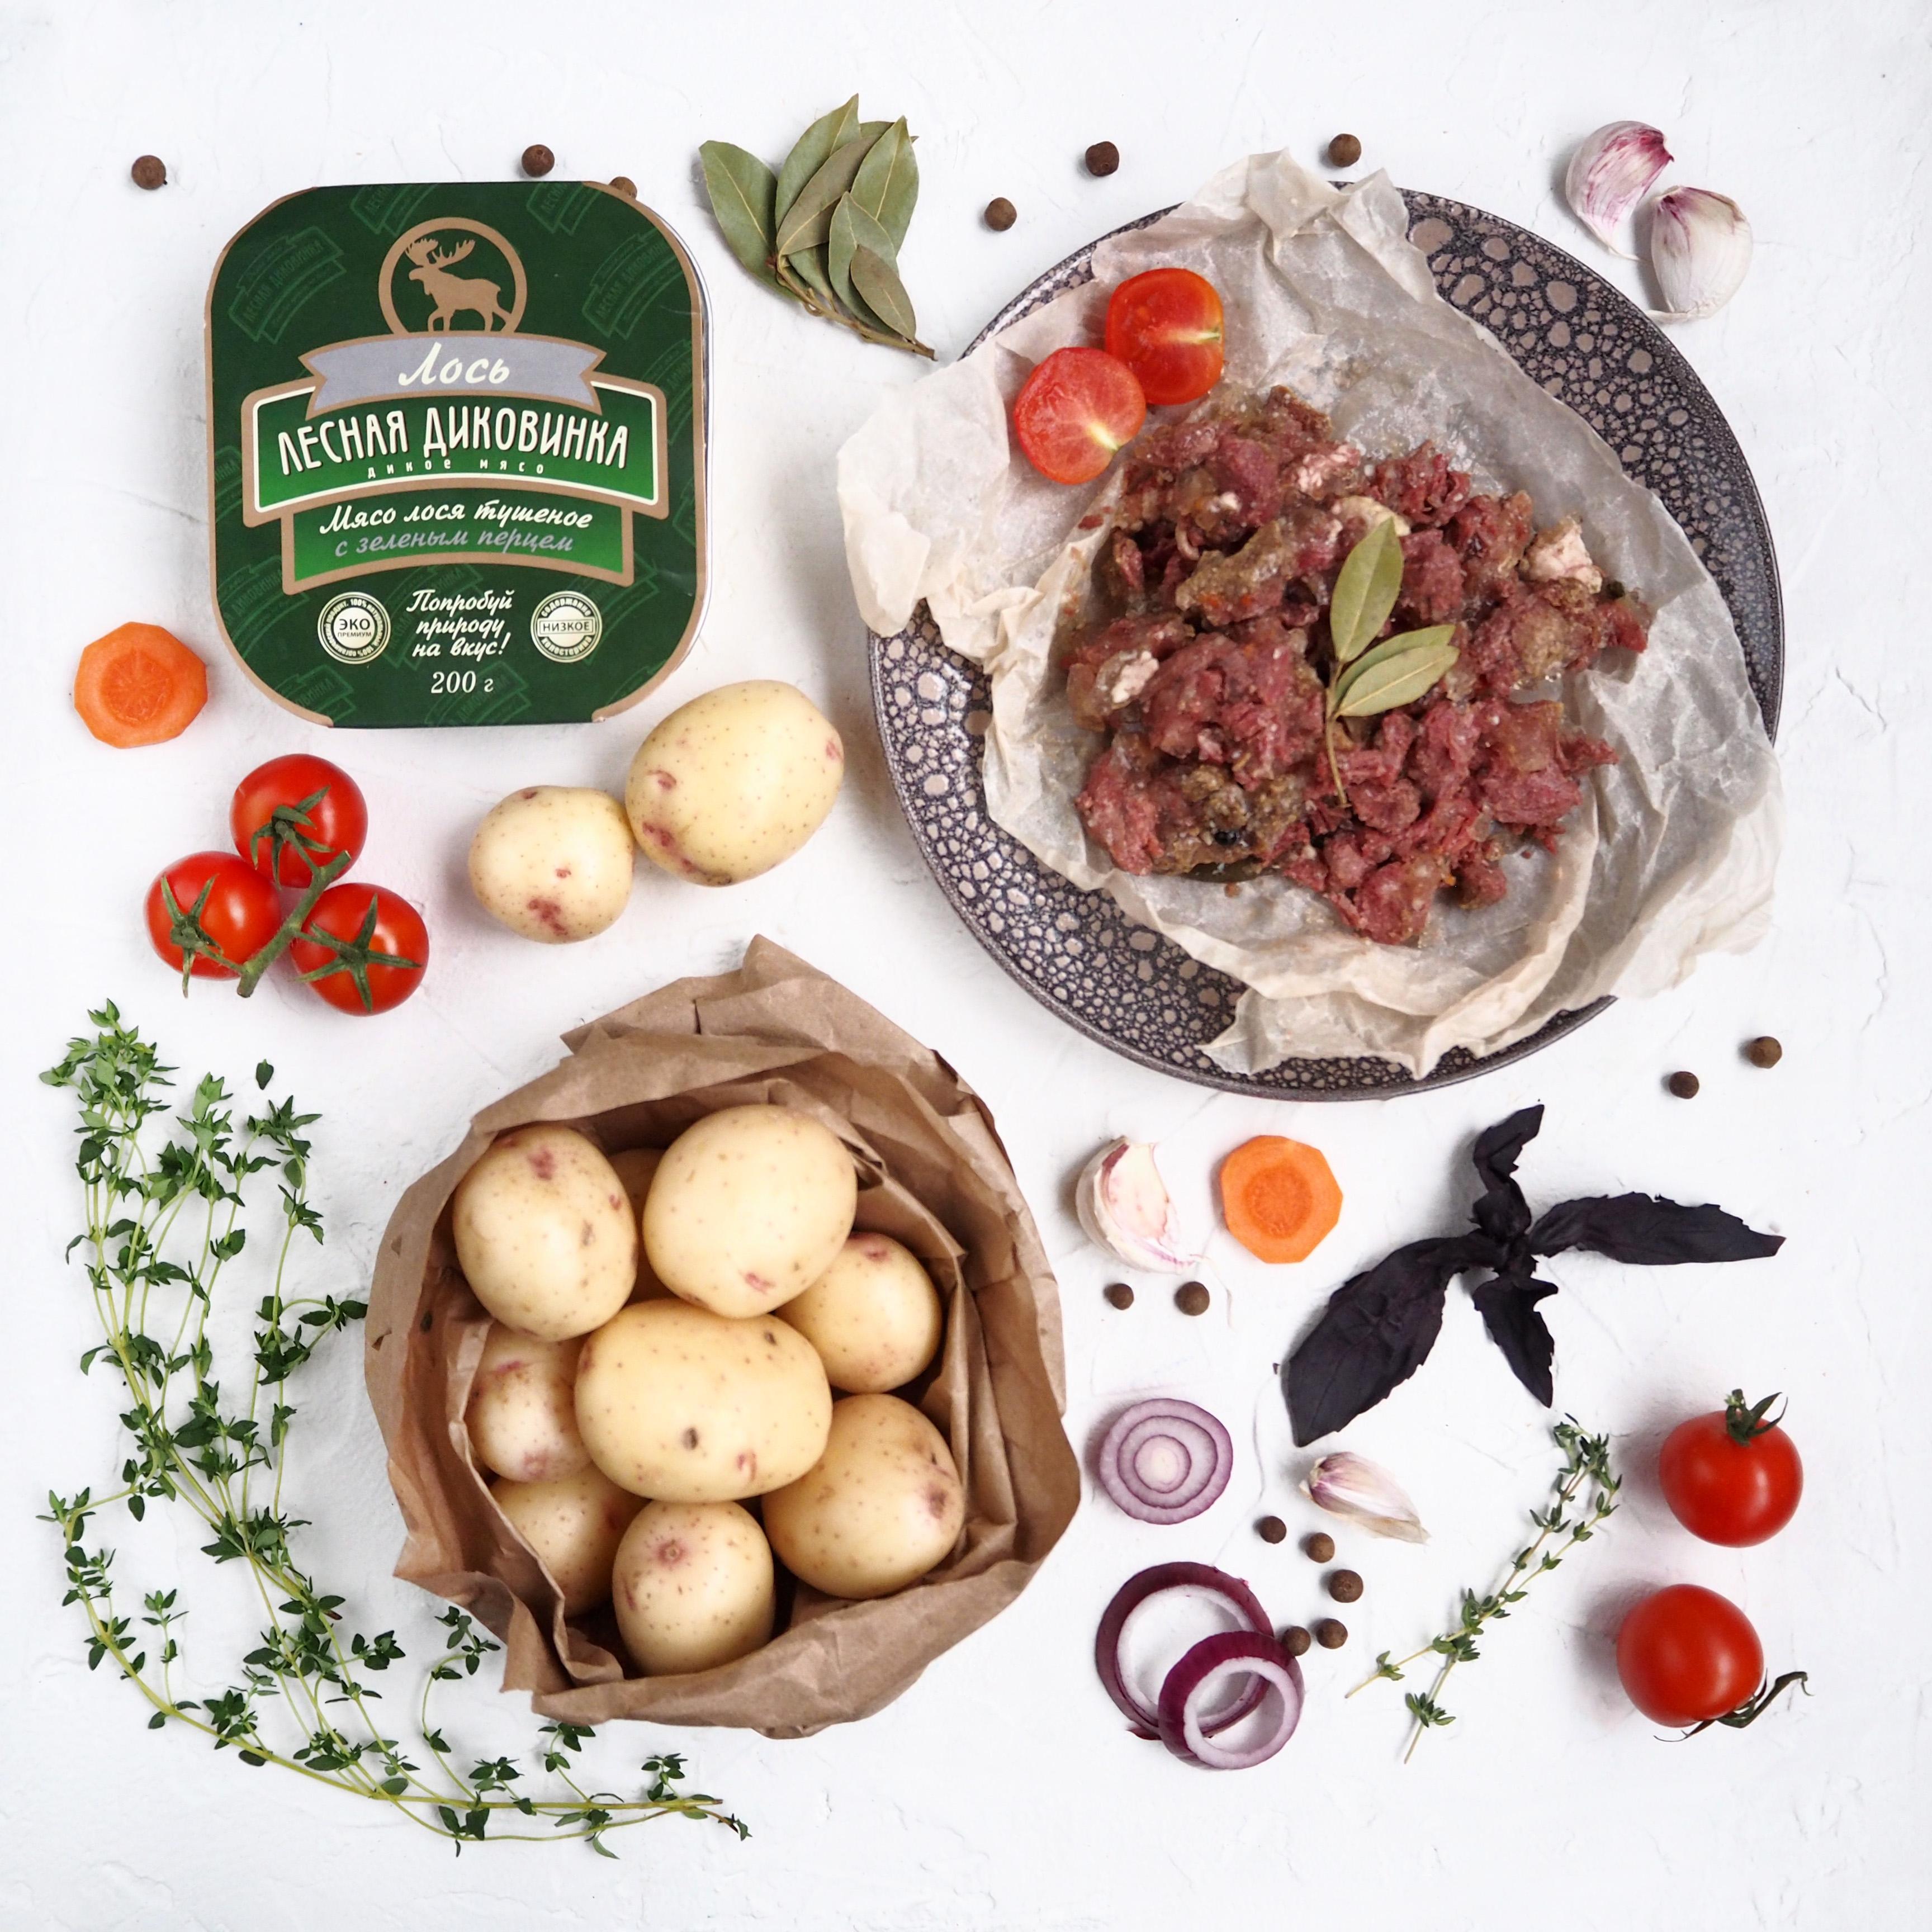 Тушёное мясо лося с зелёным перцем (1 шт., 200 г)